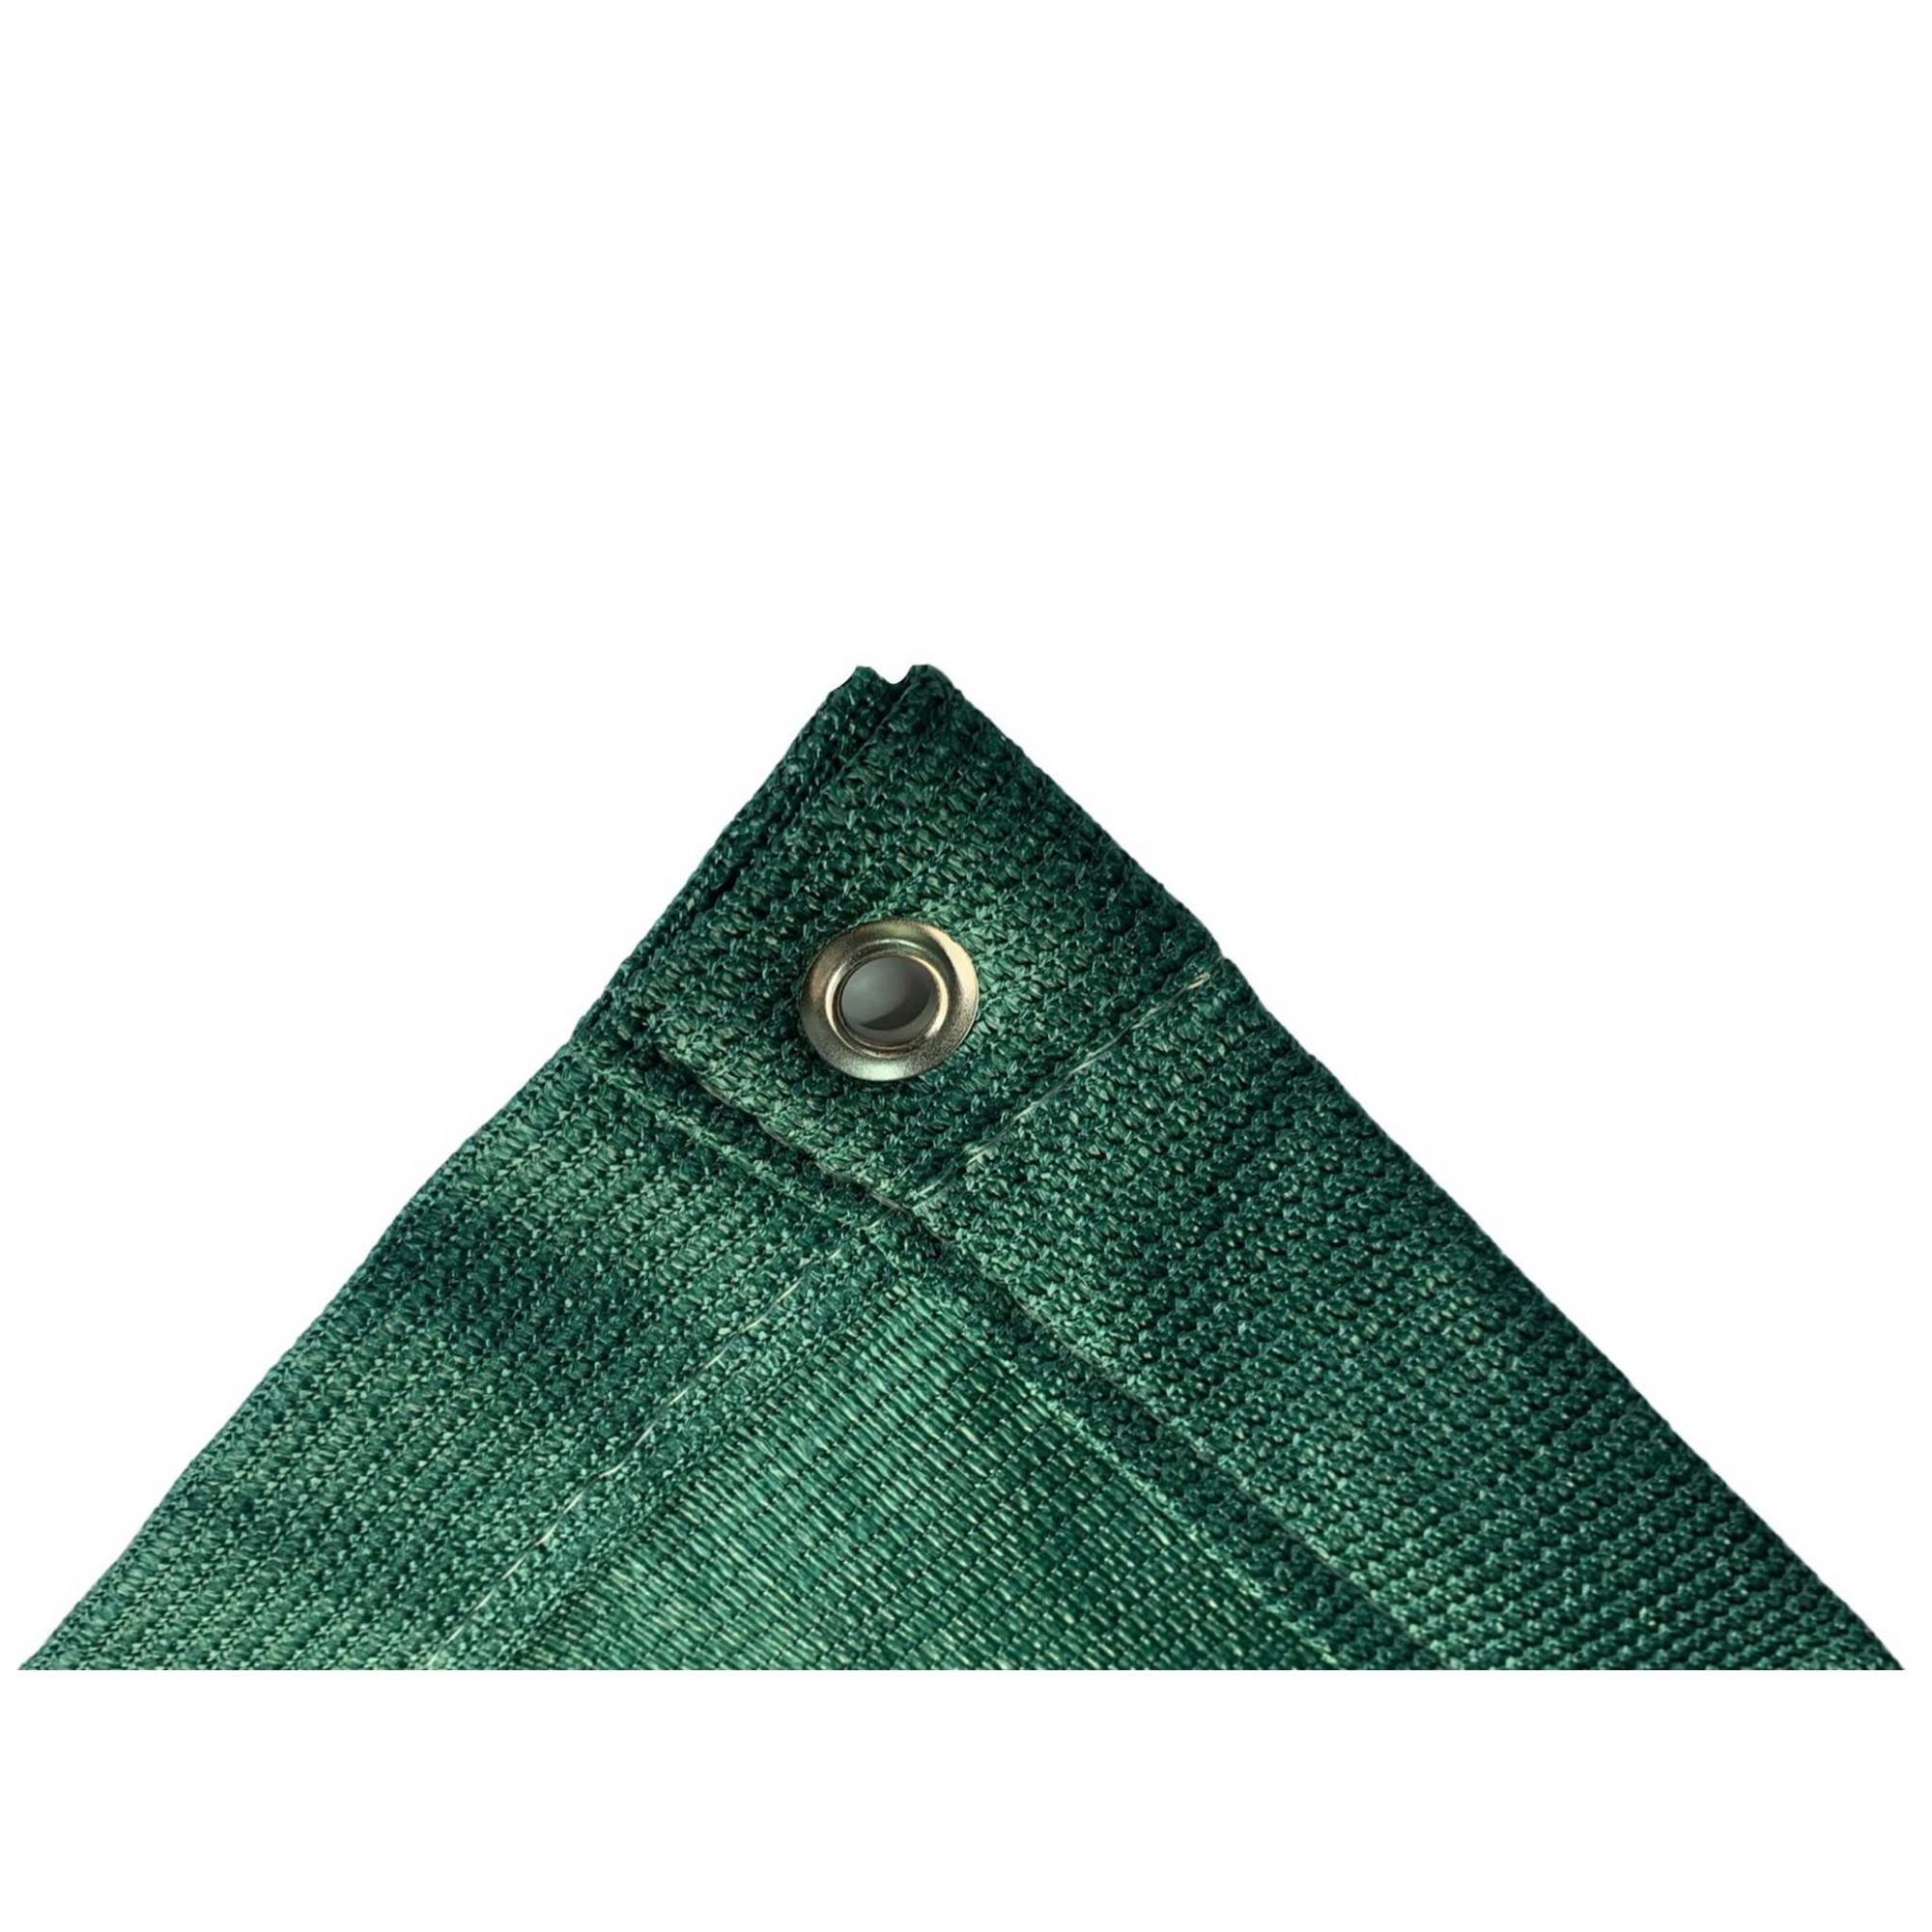 Tela de Sombreamento 90% Verde com Bainha e ilhós - Largura: 4 Metros